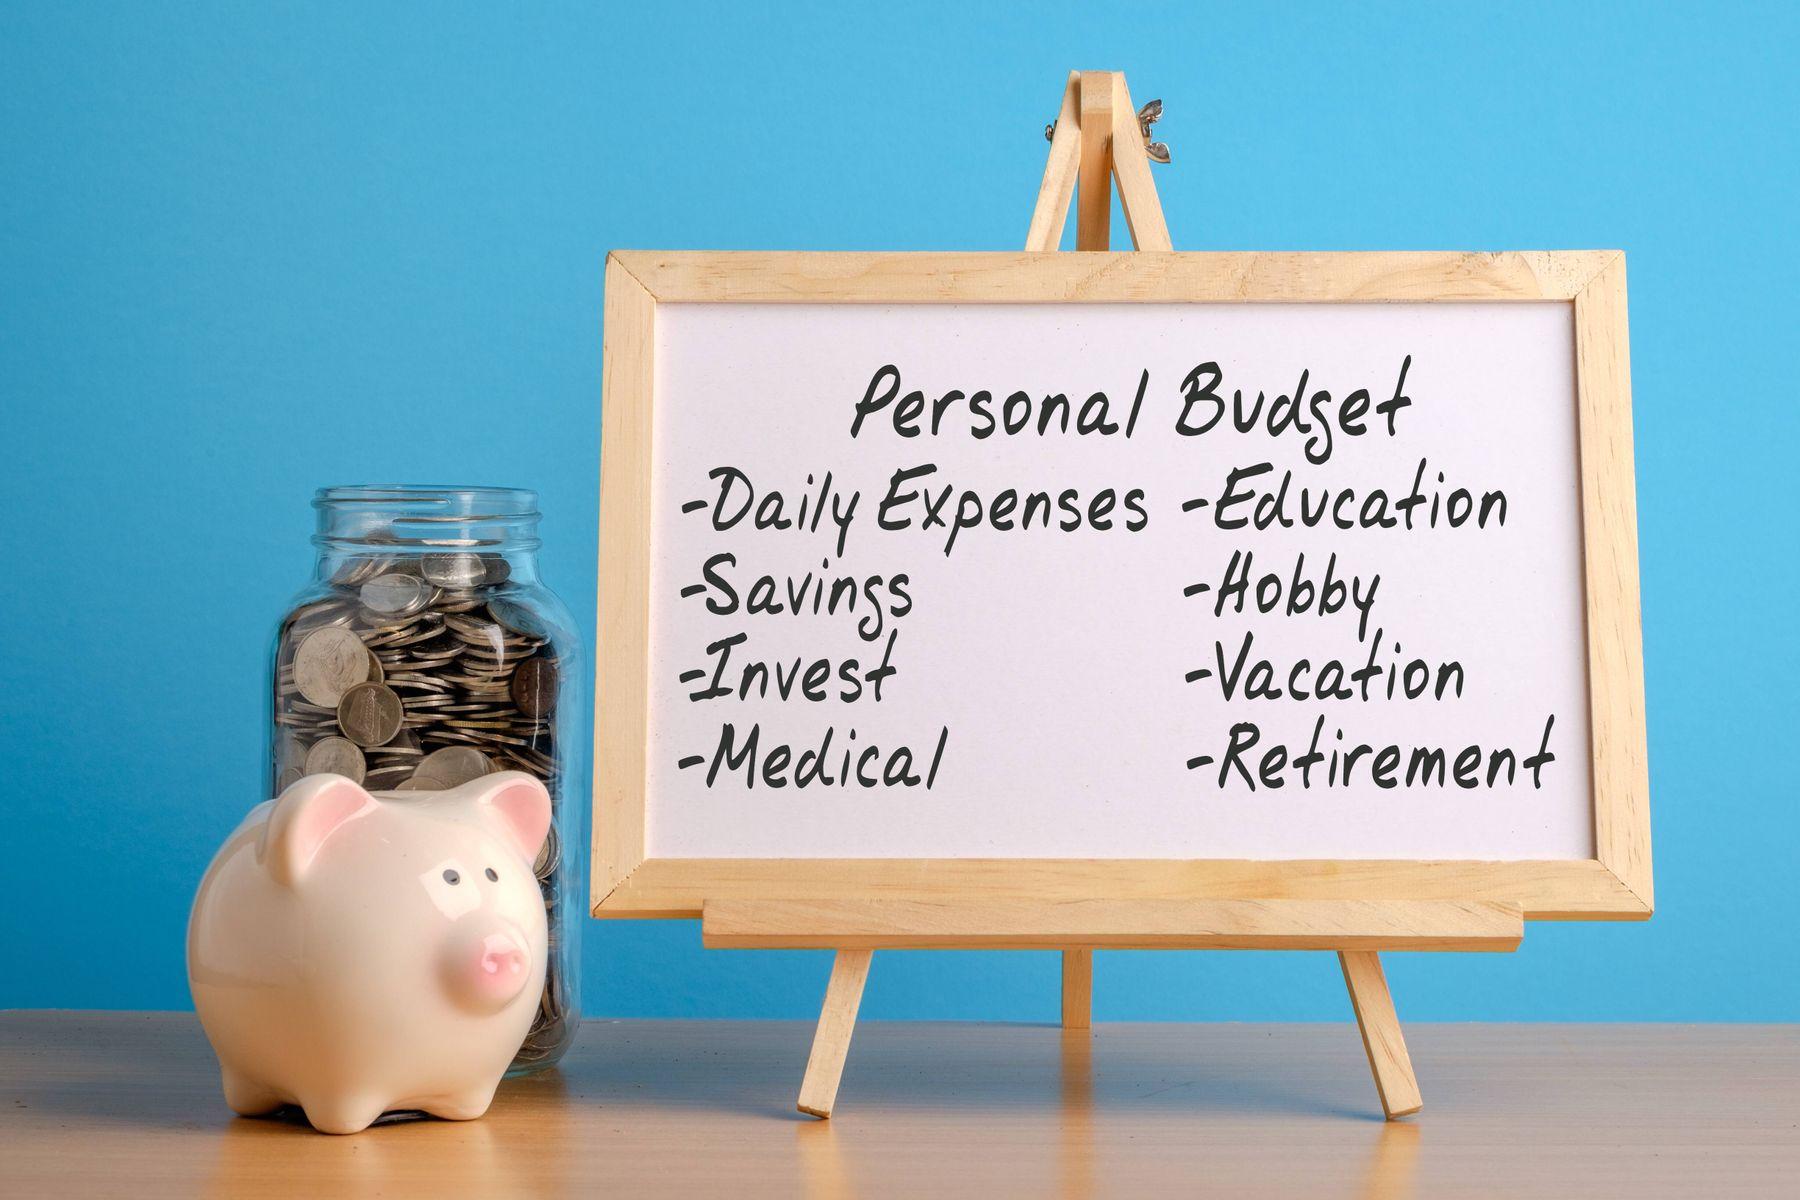 Cách chia tiền lương dựa trên sinh hoạt phí, sở thích kì nghỉ du lịch, y tế